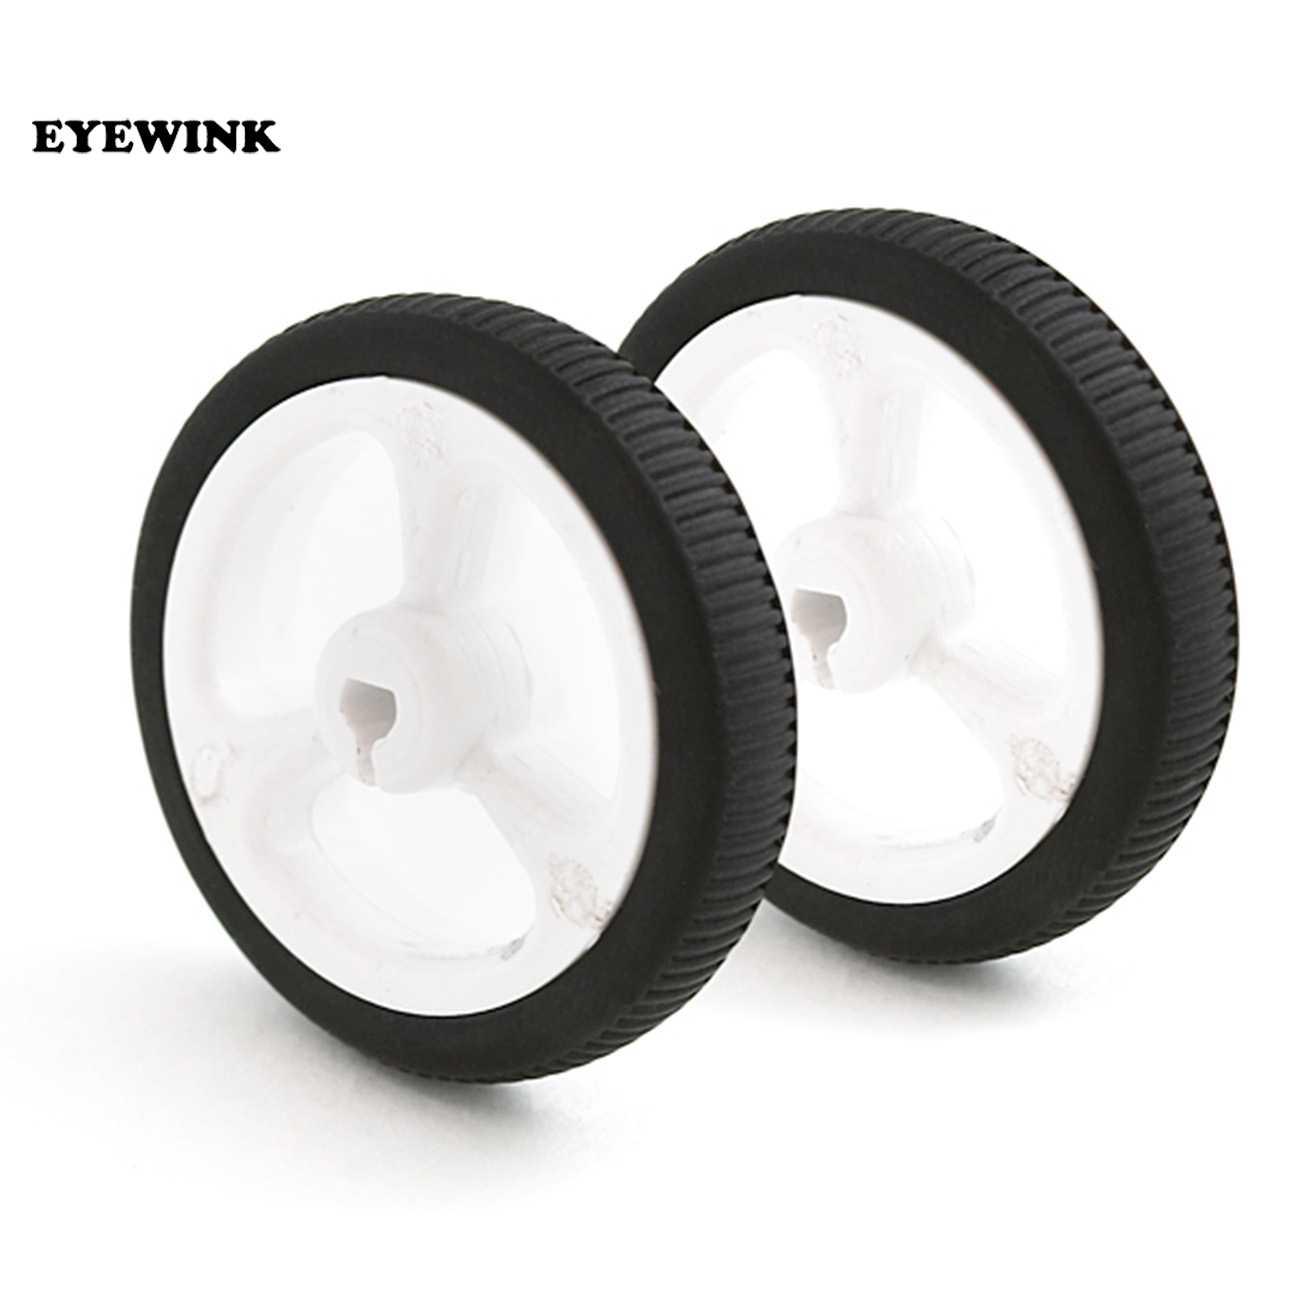 EYEWINK D-gat Rubber Wiel Geschikt voor N20 Motor D As Band Auto Robot DIY Speelgoed Onderdelen